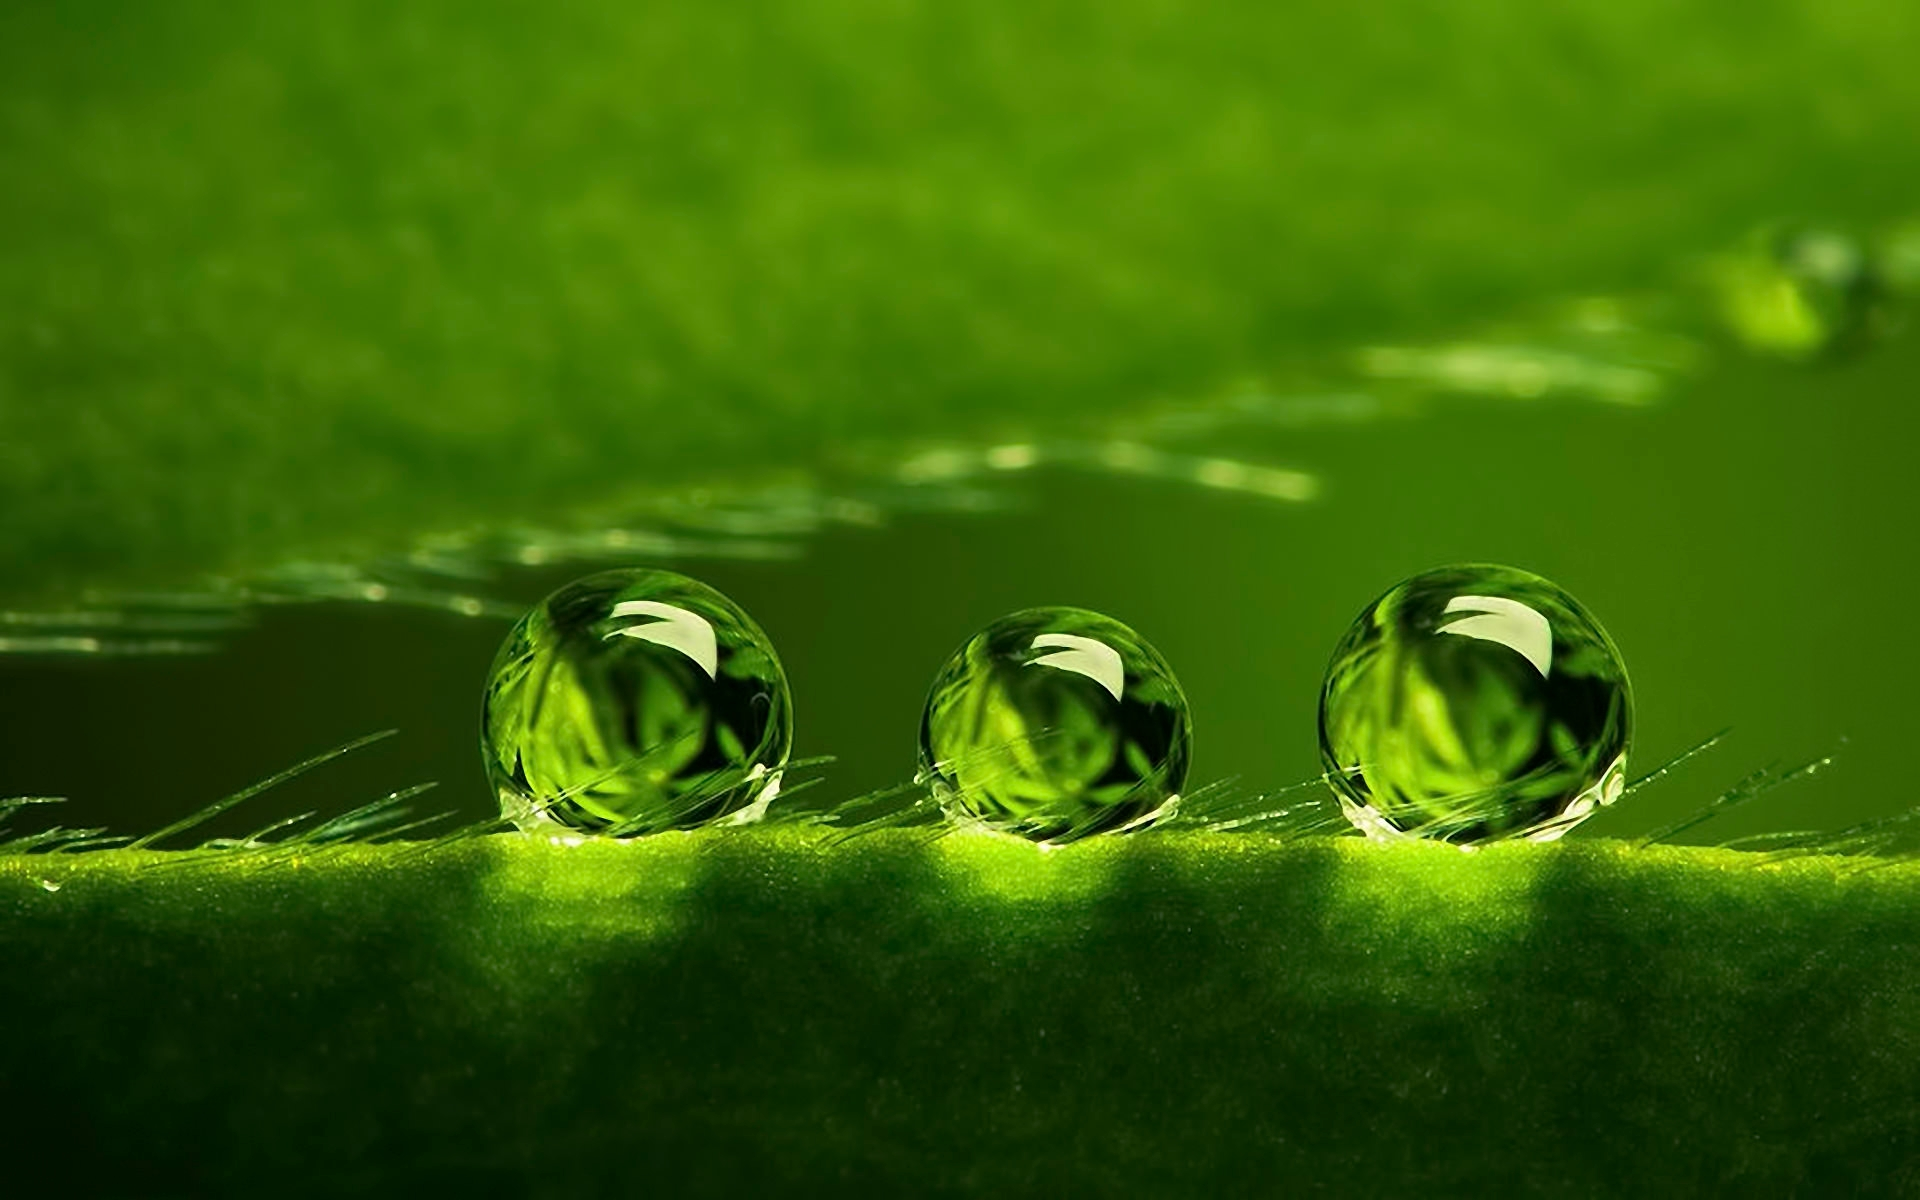 green bubbles hd wallpaper